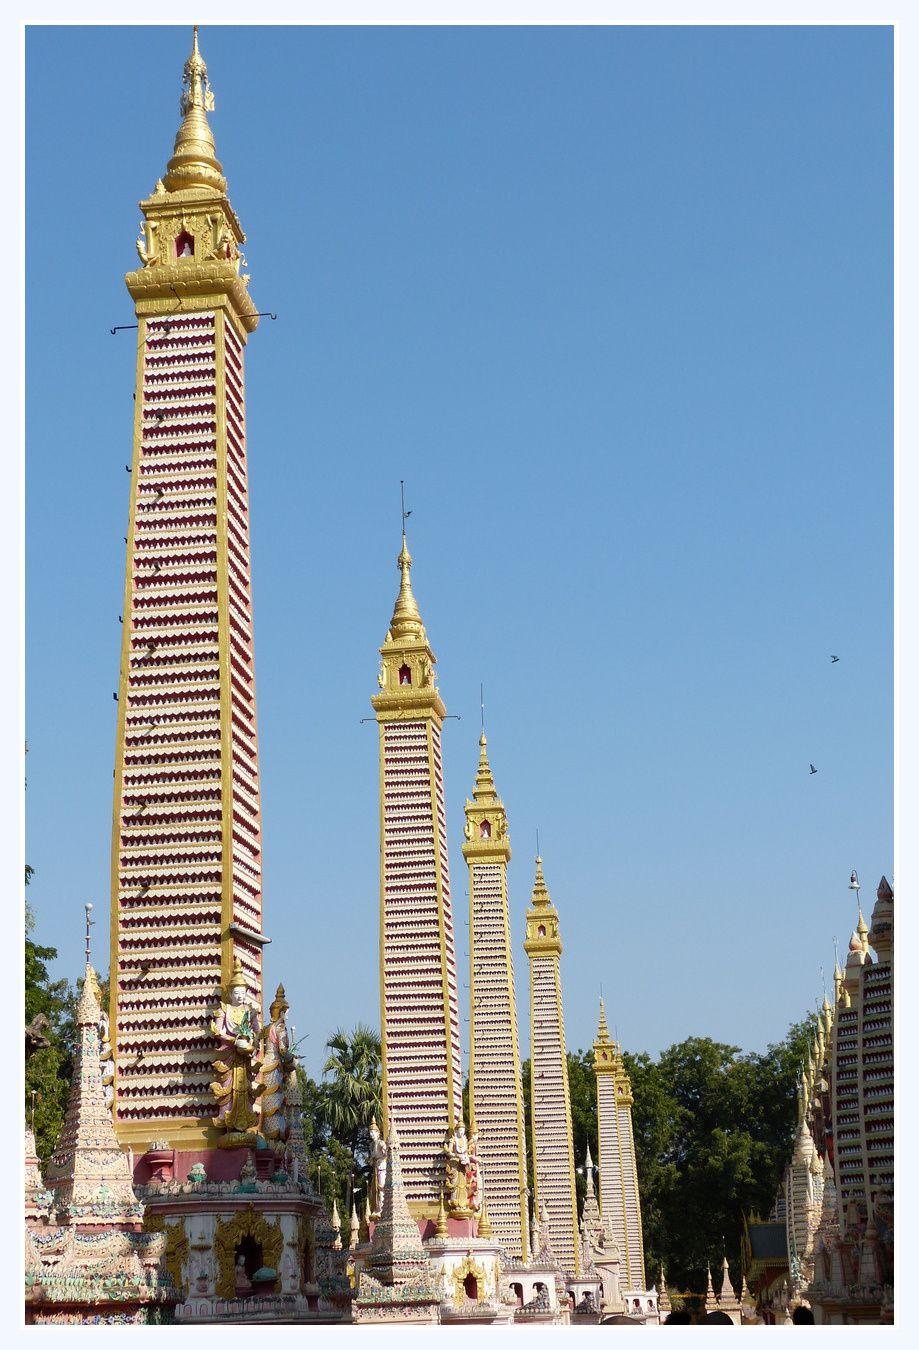 De l'or à profusion et des Bouddhas par millions